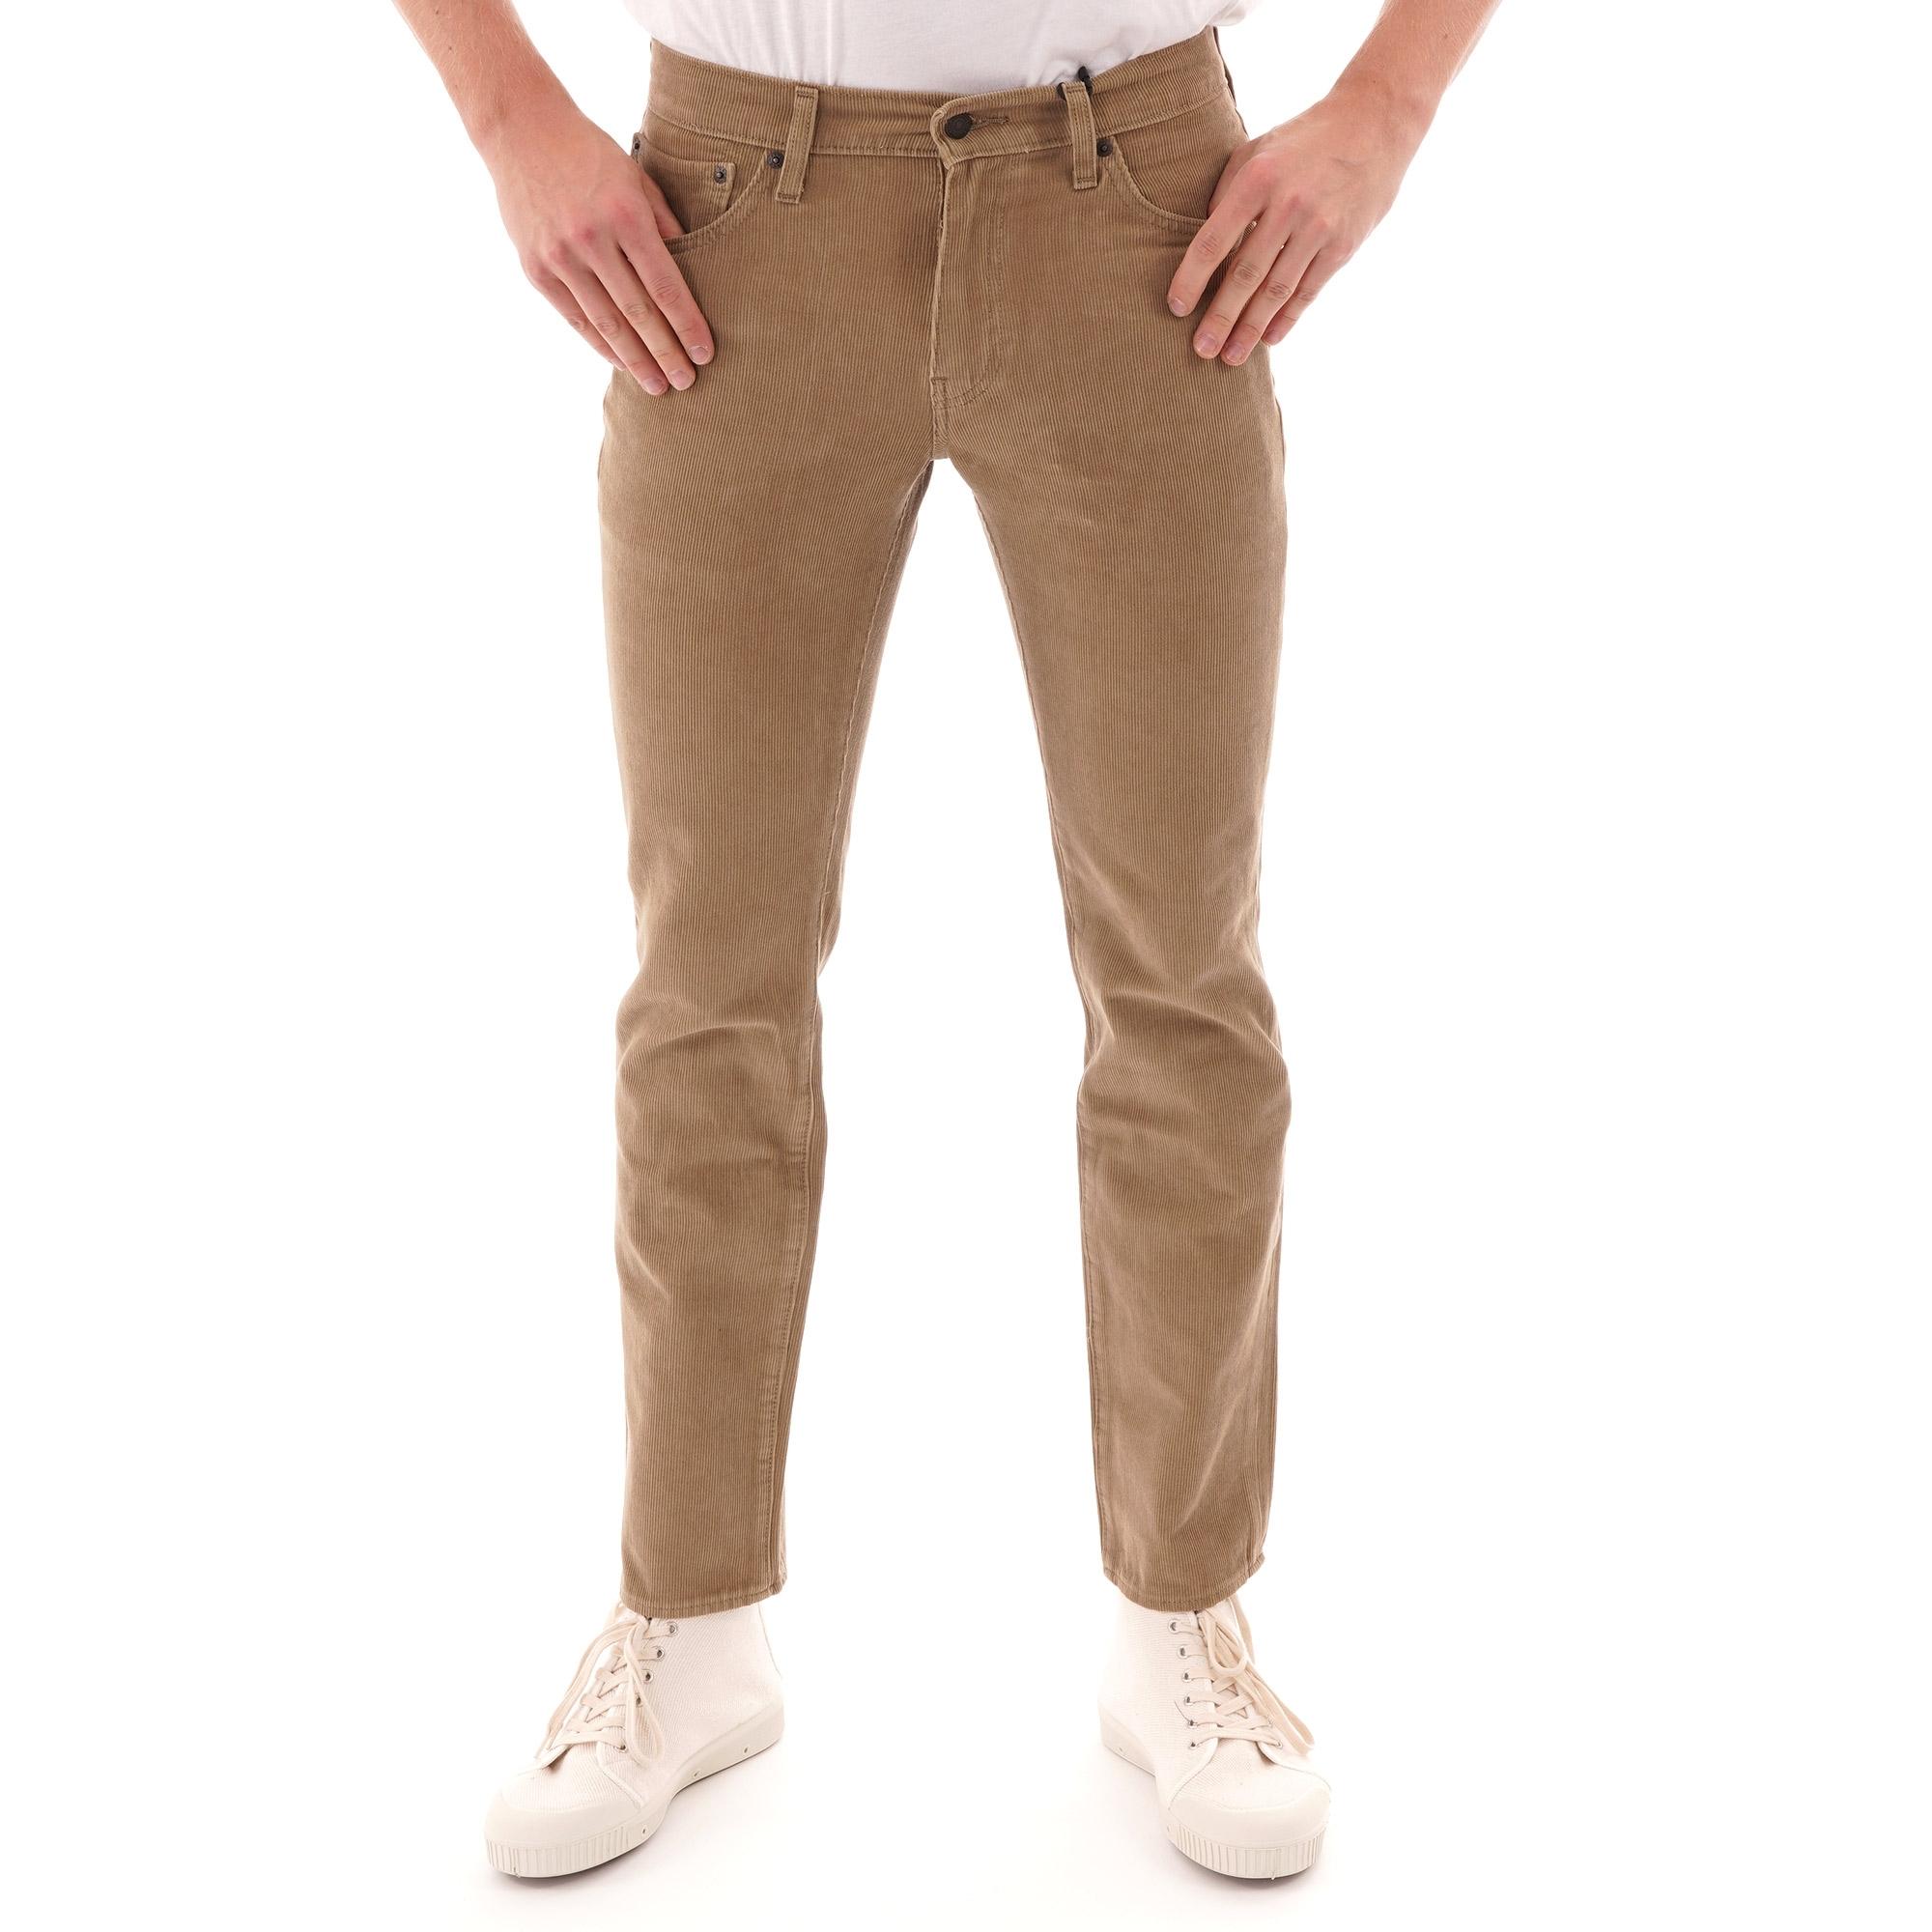 Corduroy Jeans Dark Blue Slim Fit